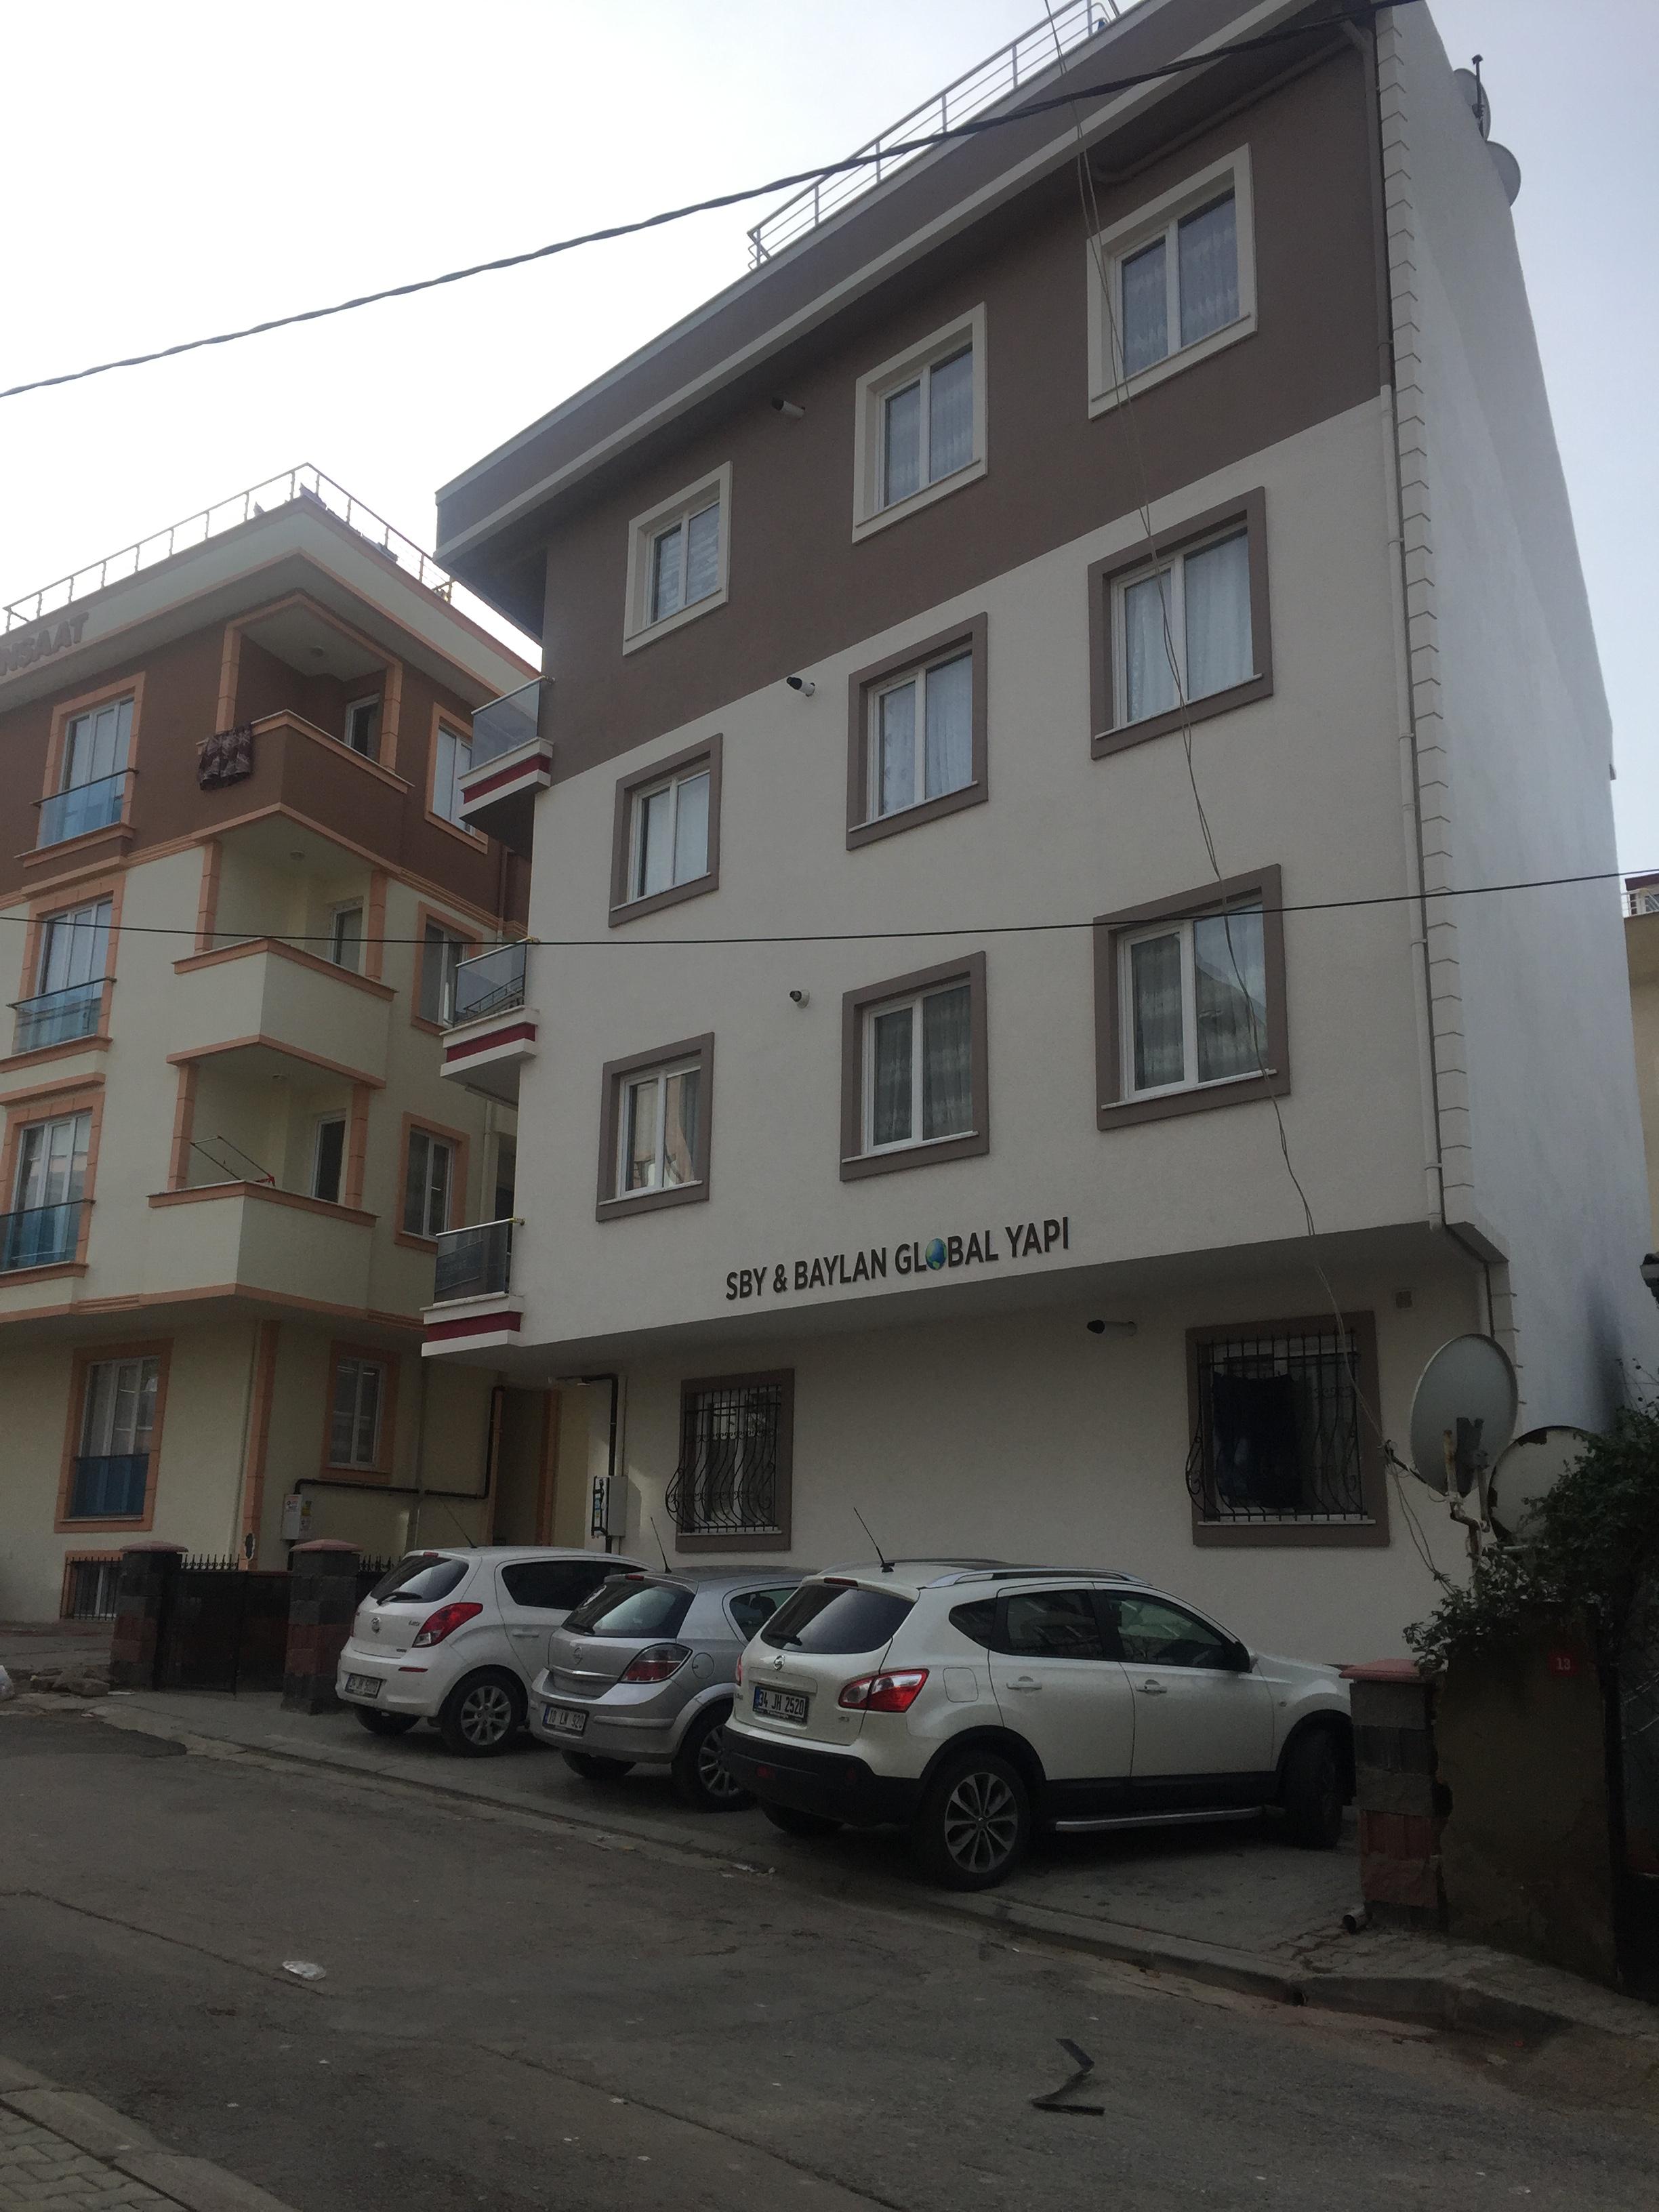 Baylan Global Yapı Samandıra ÇAKMAK apartmanı